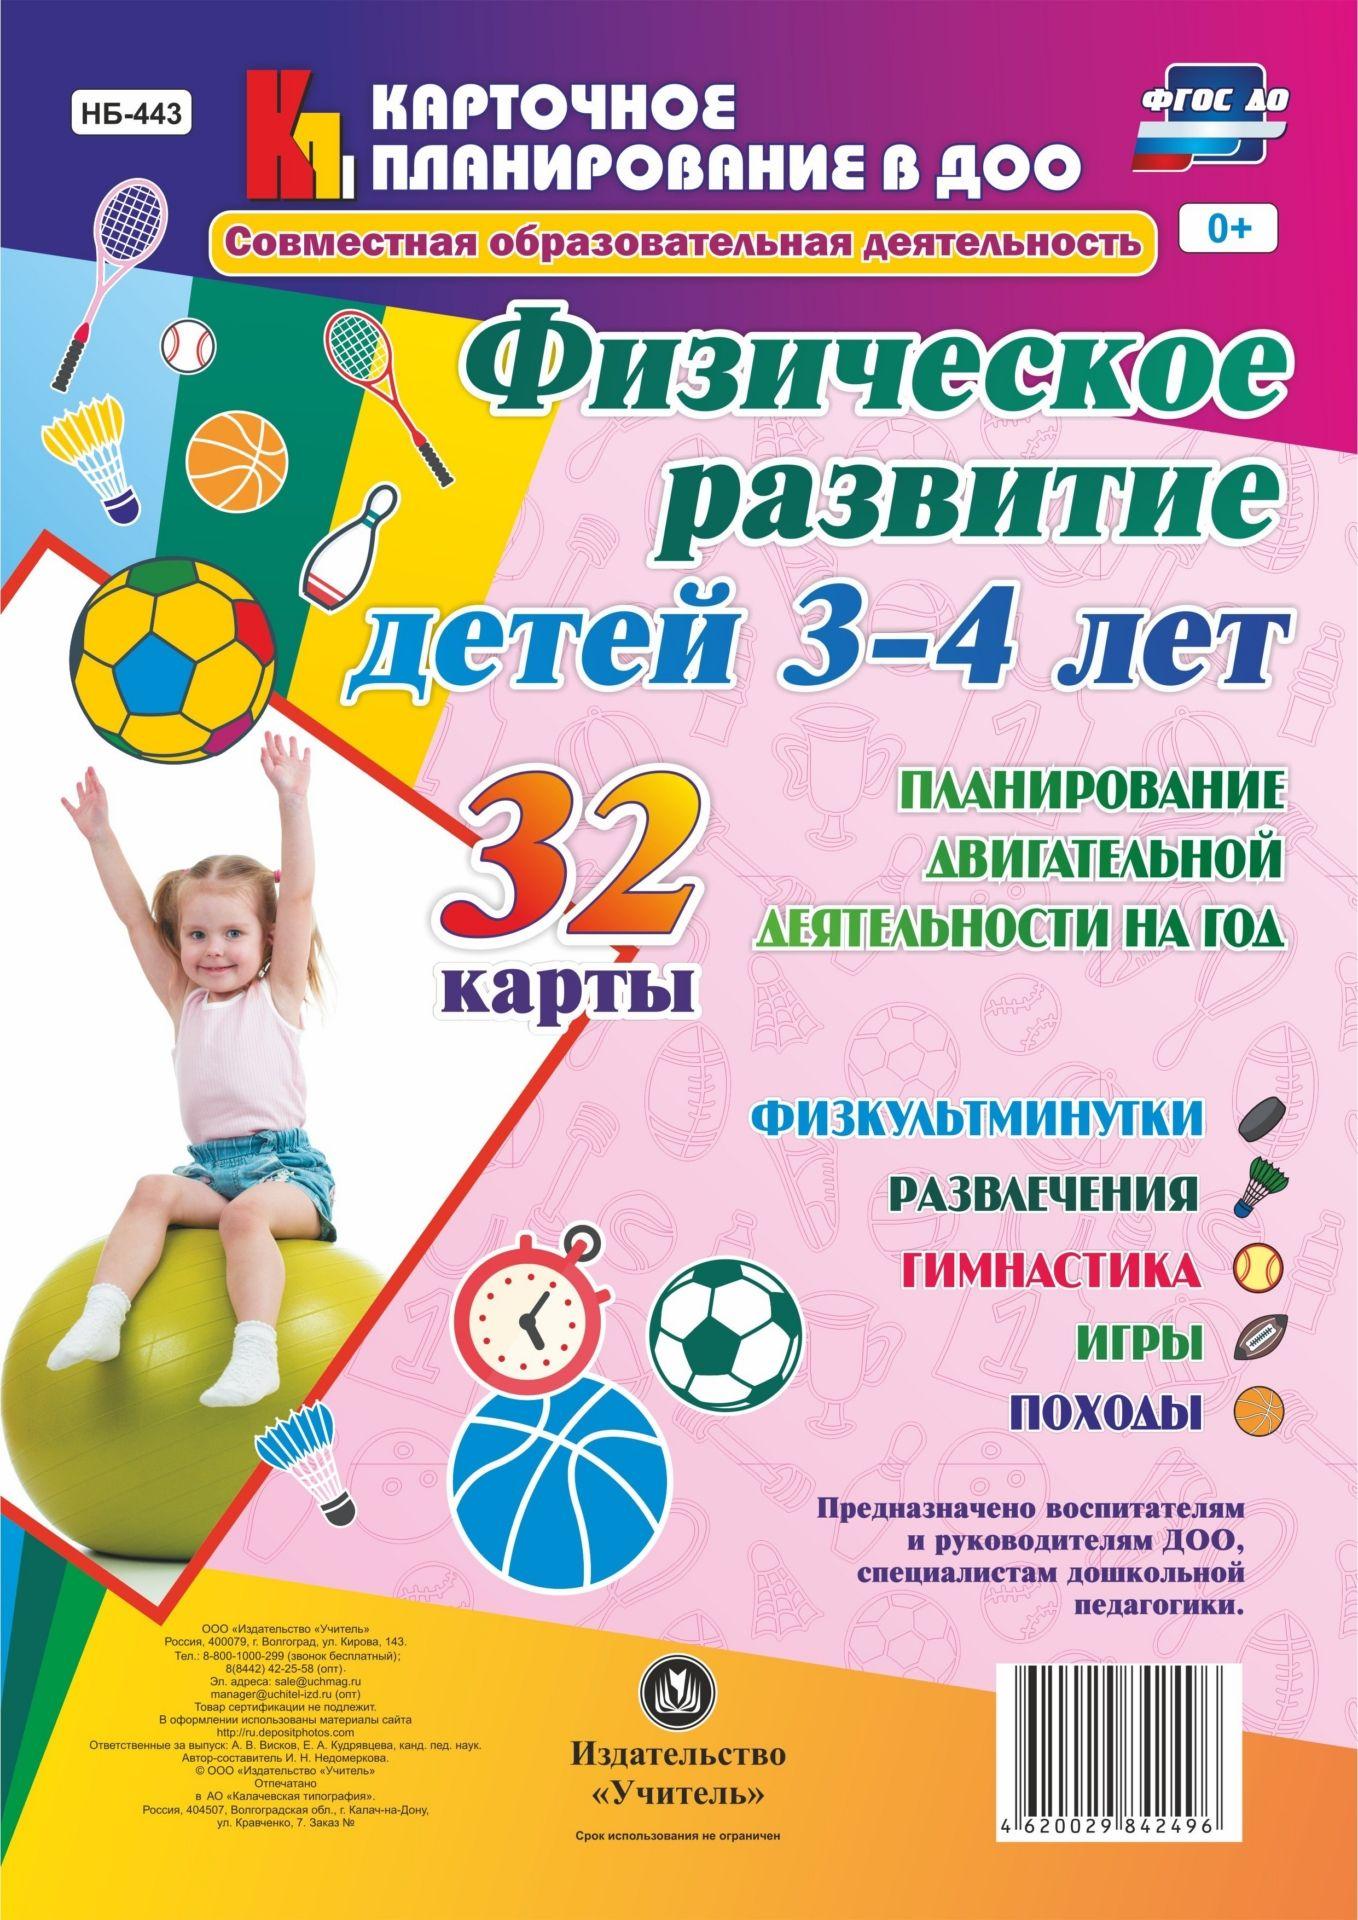 Физическое развитие детей 3-4 лет. Планирование двигательной деятельности на год: игры, гимнастика, физкультминутки, развлечения, походы: 32 карты